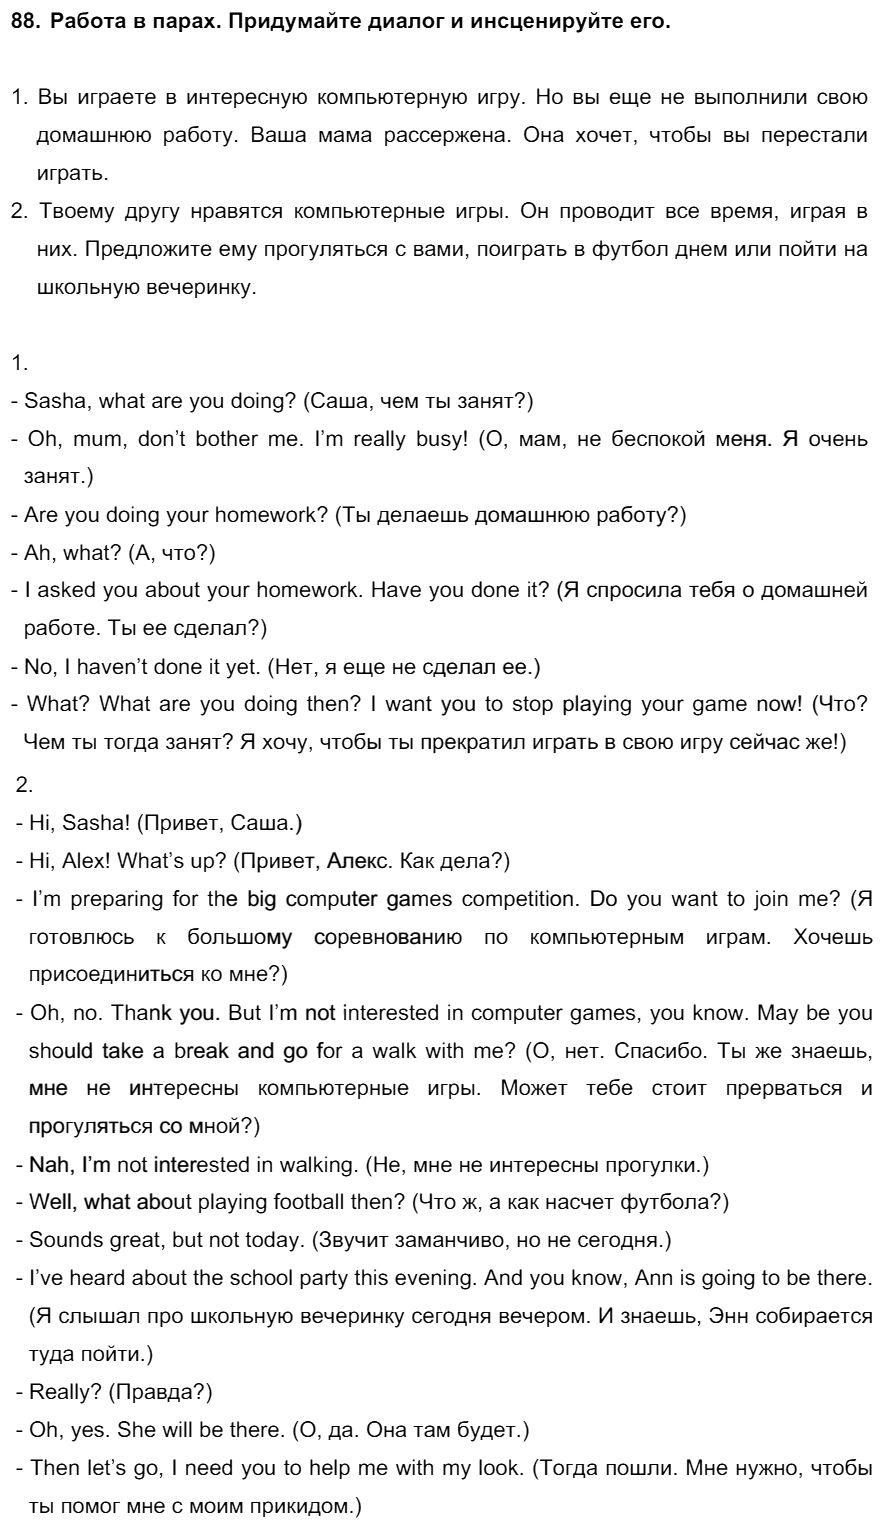 Английский язык 7 класс Биболетова М. З. Unit 1. Международные соревнования тинейджеров / Разделы 1-11: 88